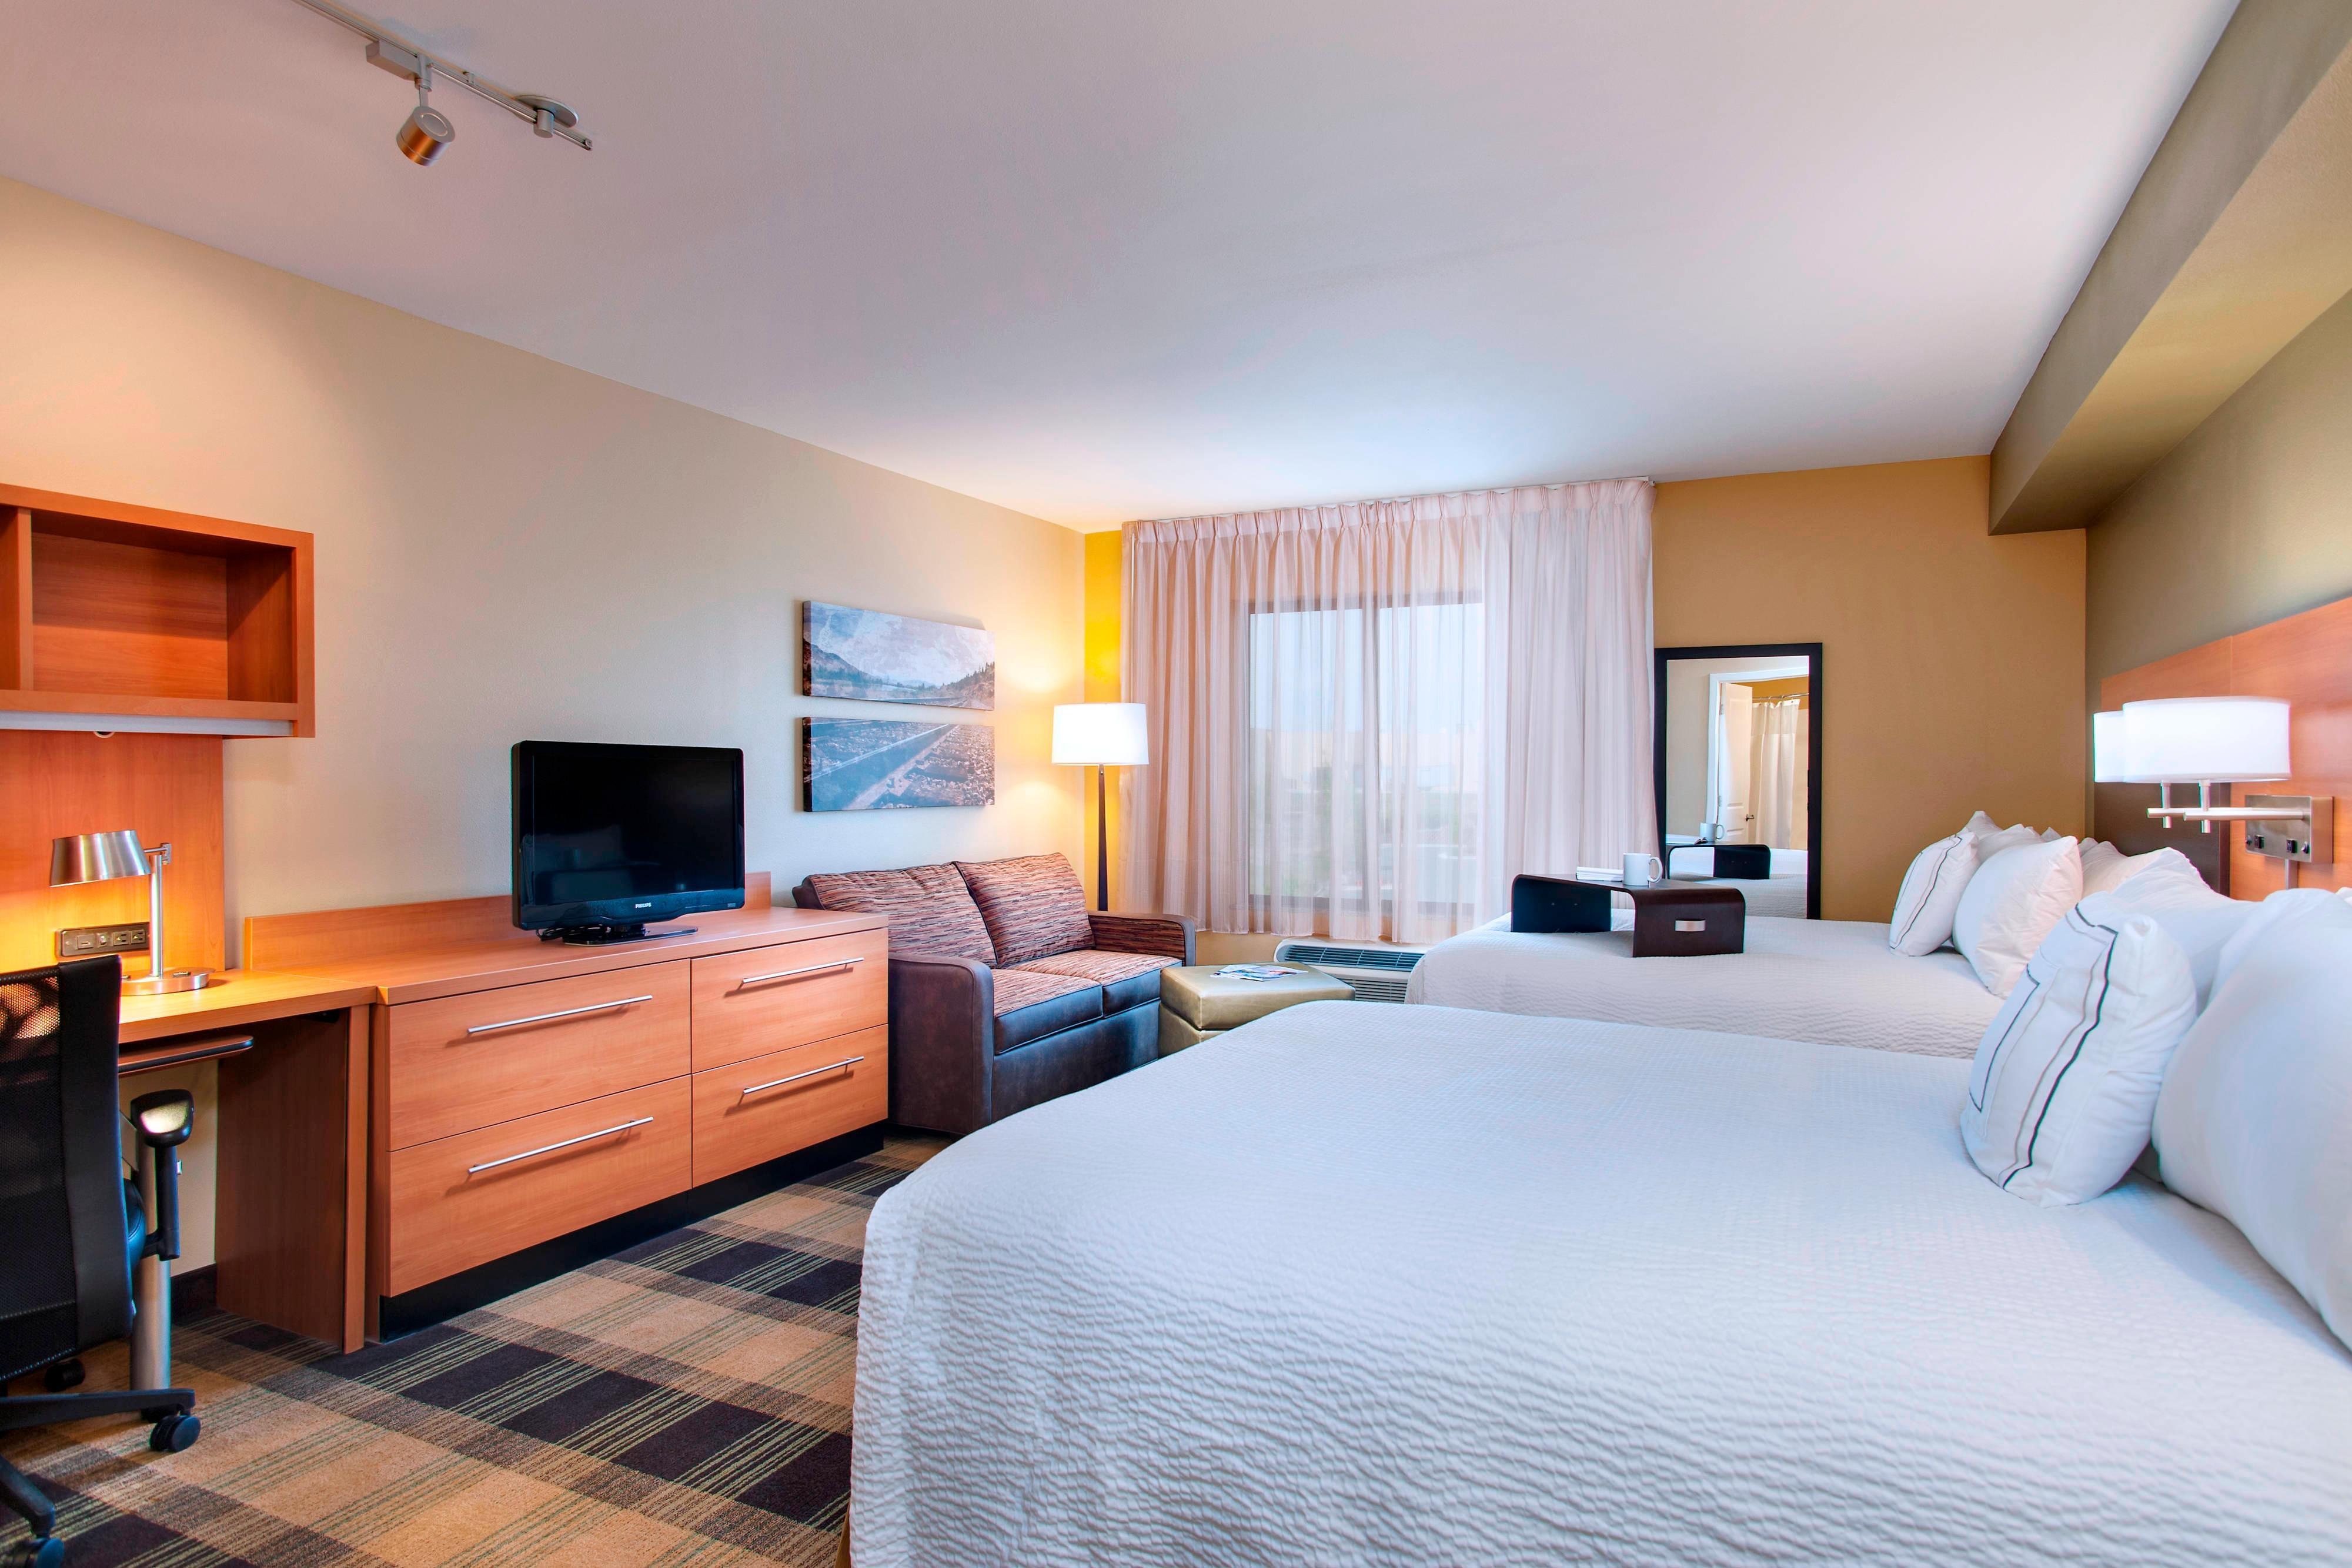 Towneplace suites billings hotel amenities hotel room for Billings plan room